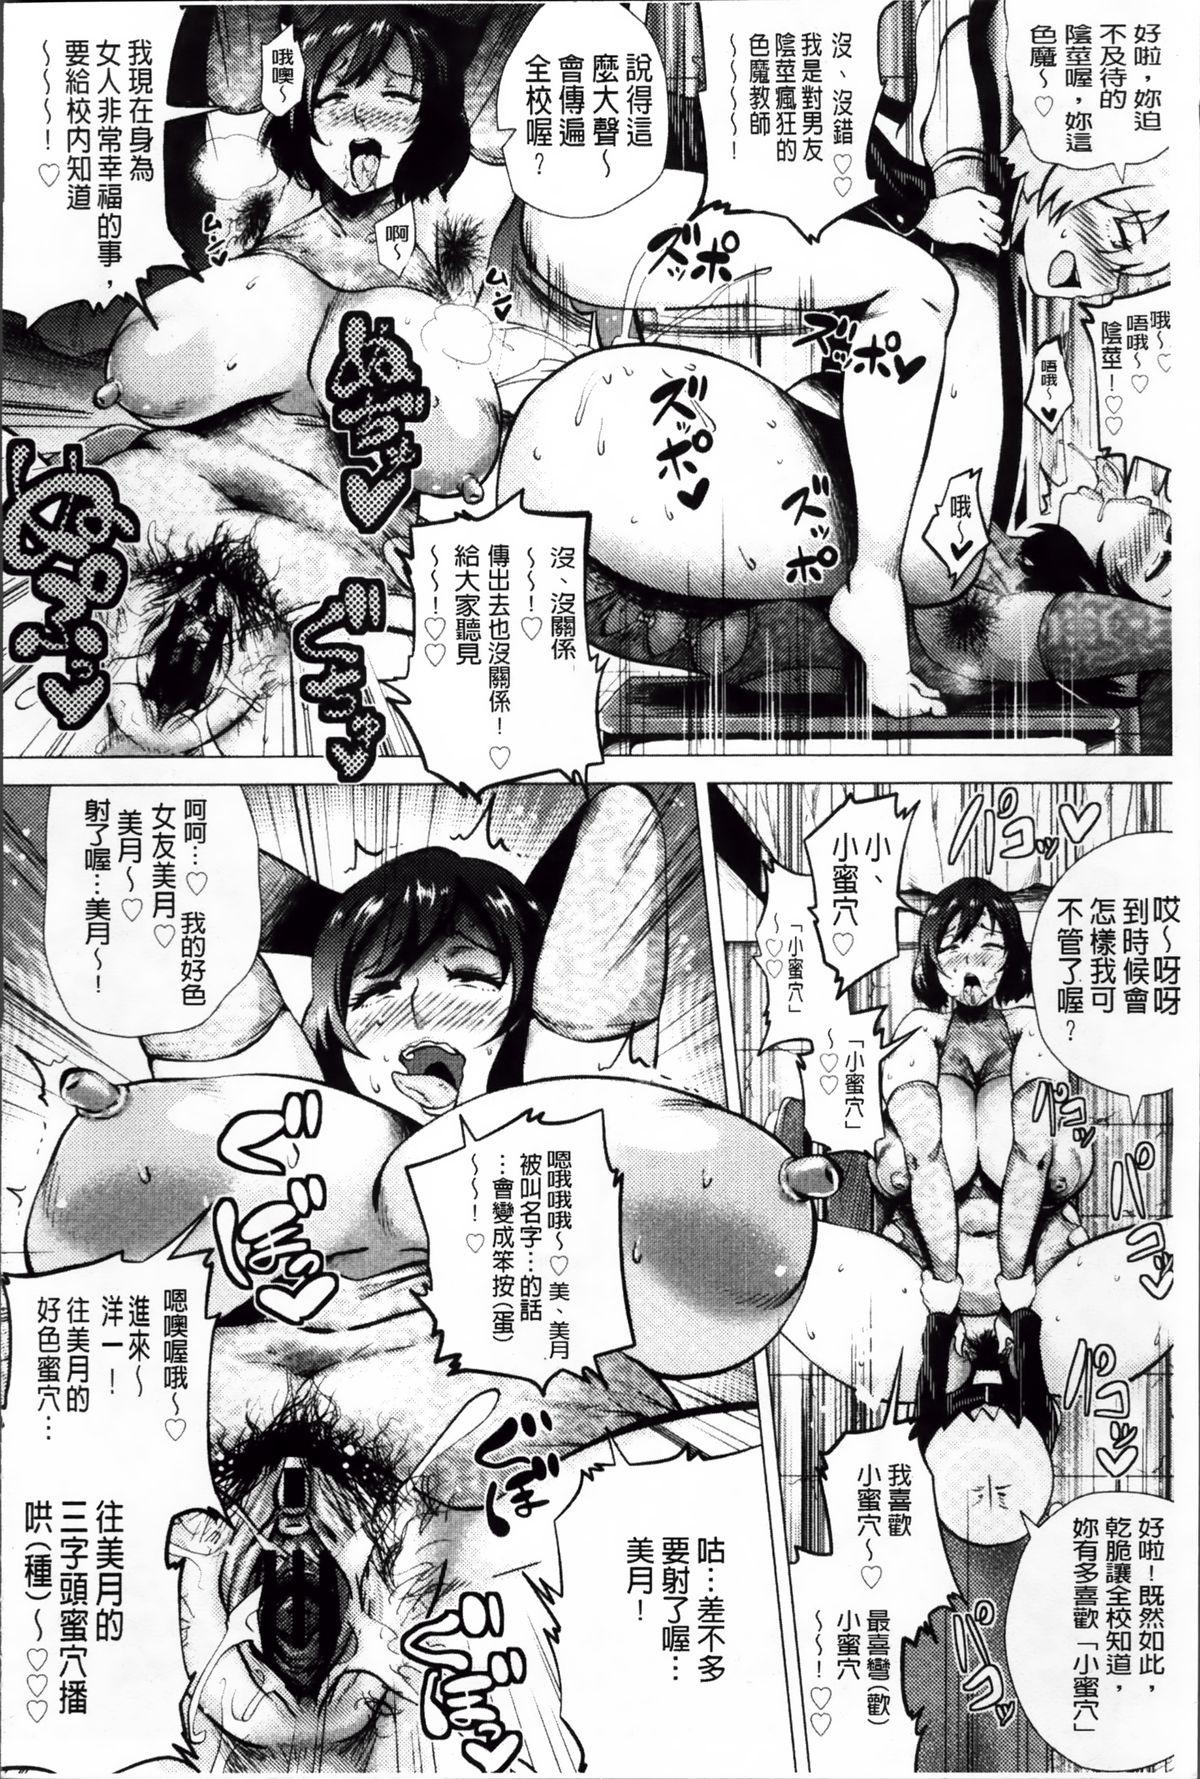 Megabody Night - Watashi no Oniku o Meshiagare 156